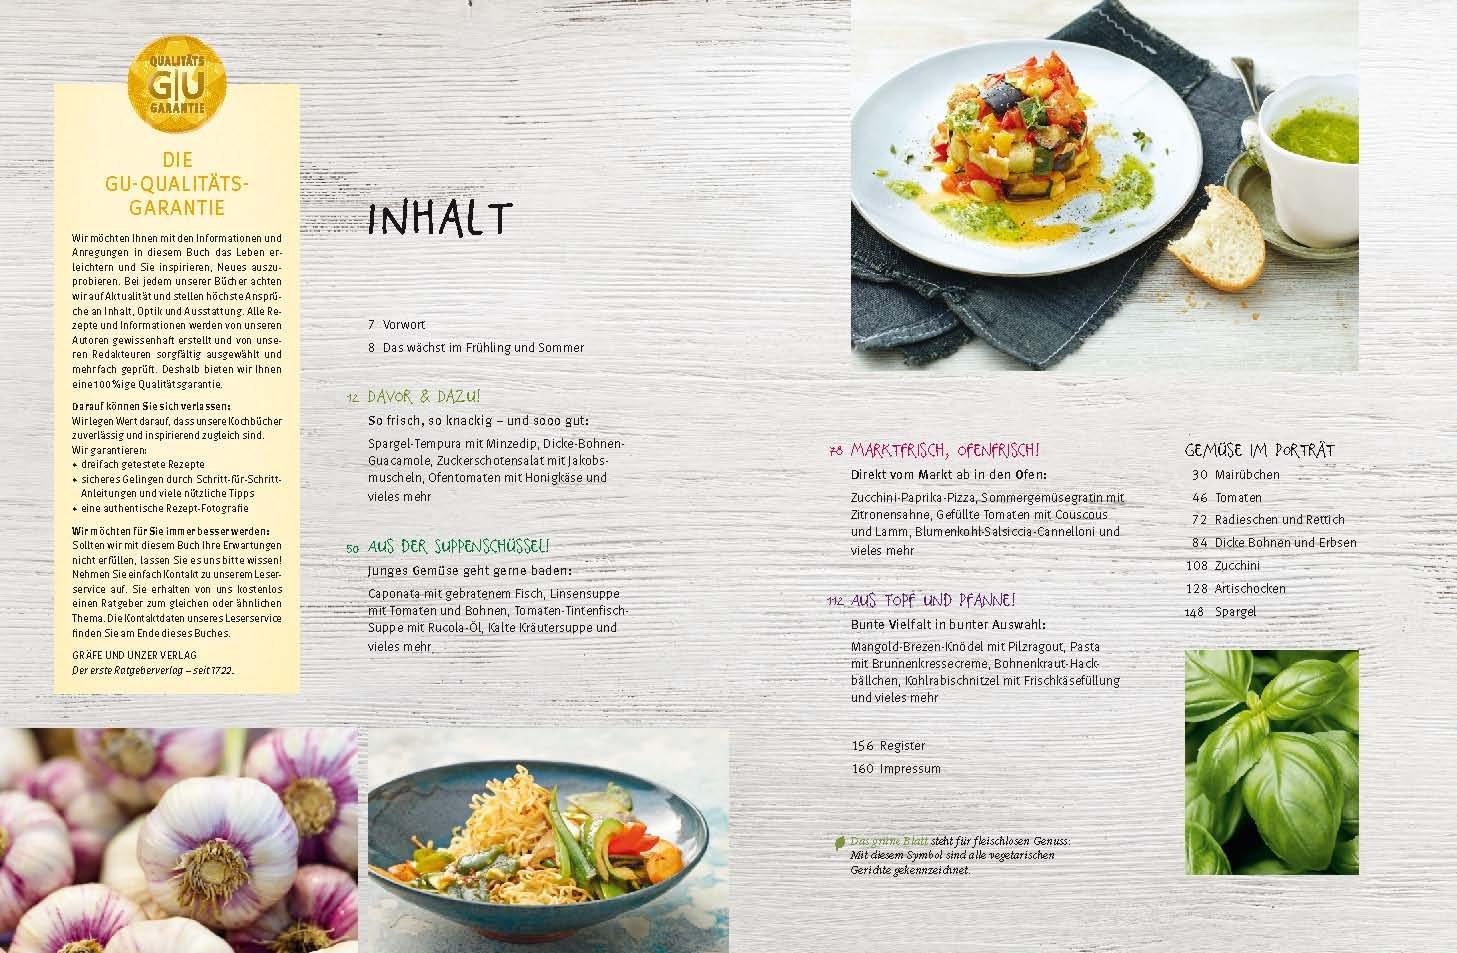 Vegetarische Sommerküche Rezepte : Frühling sommer gemüse Überraschend neue rezepte für die